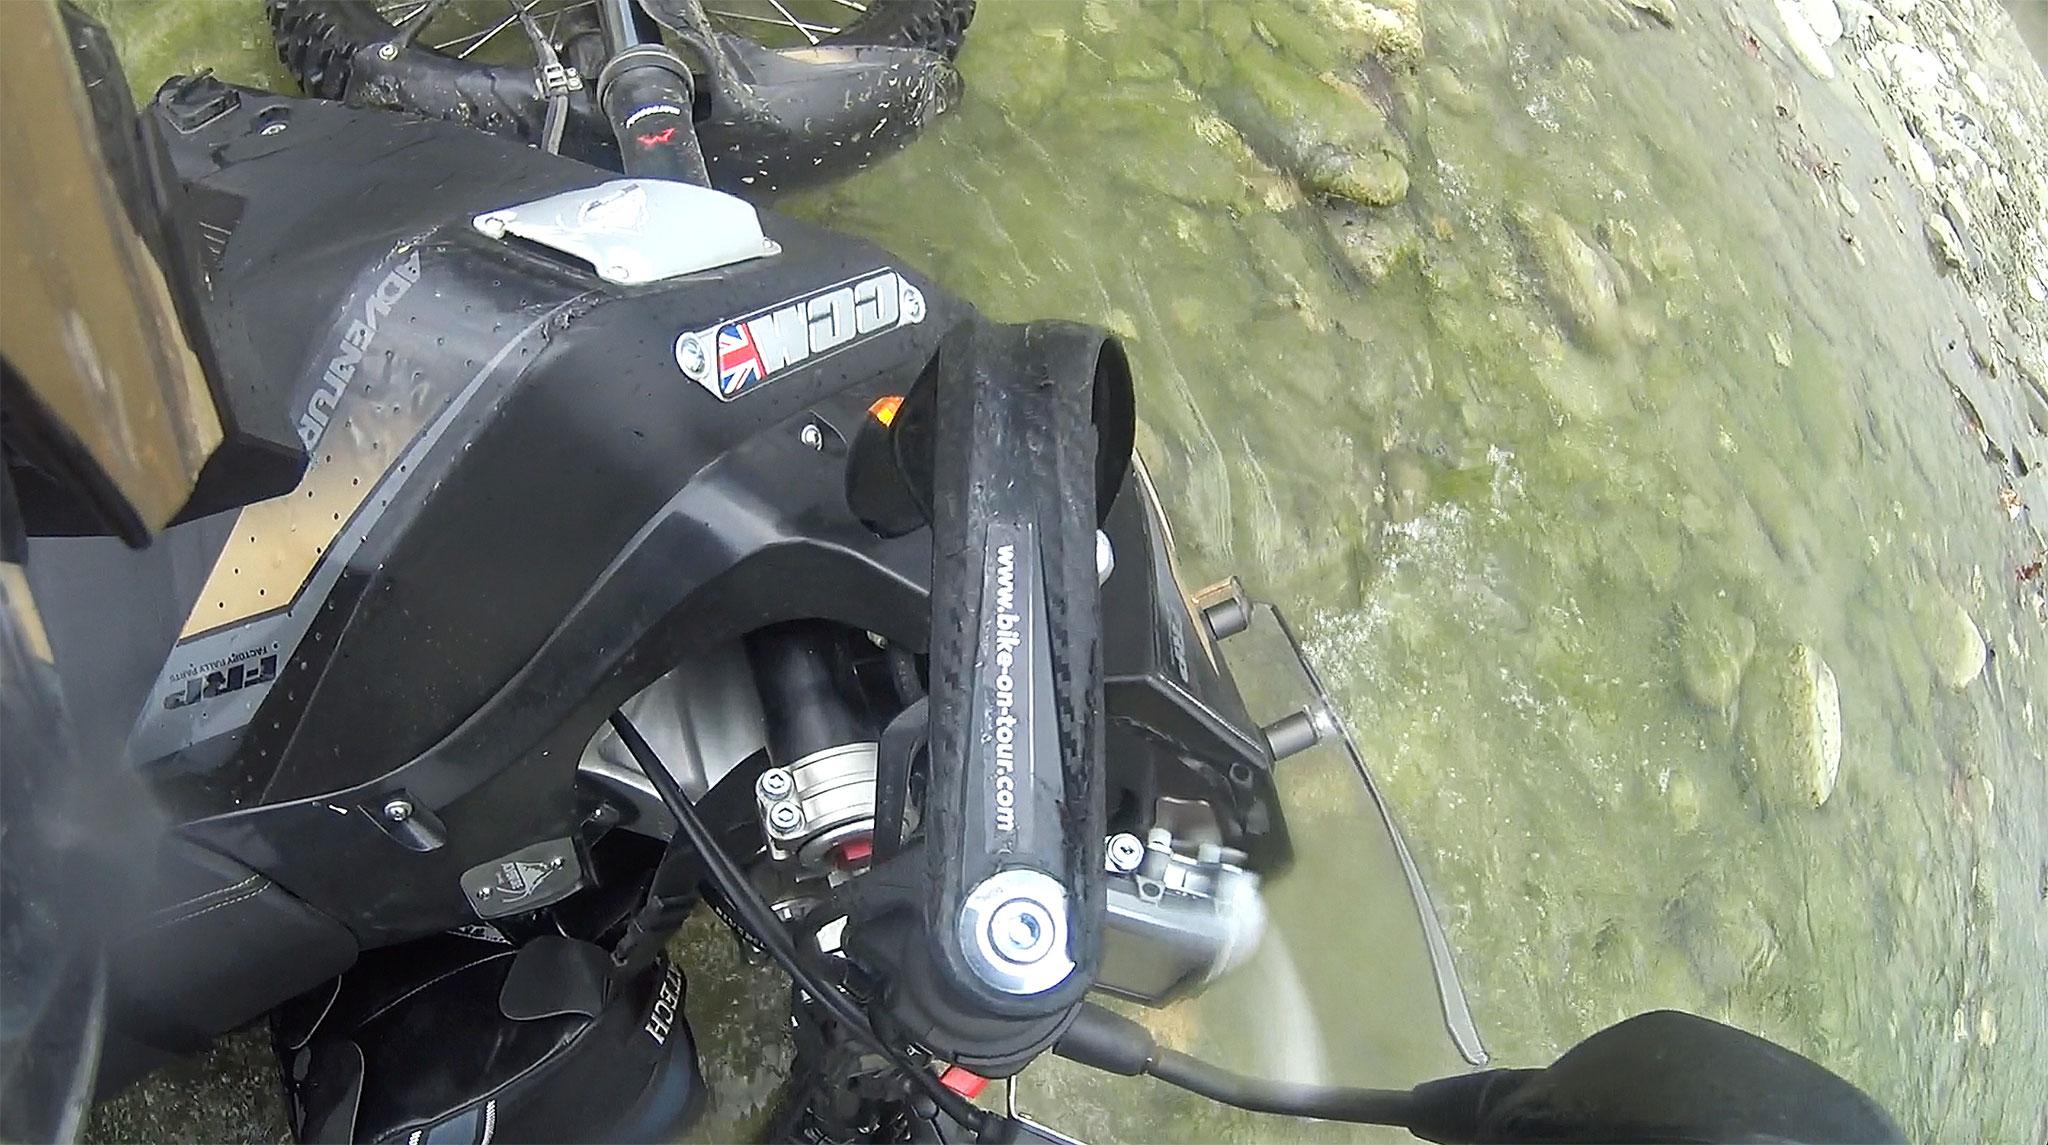 Motorradwäsche am Weg von Gjirokaster nach Polican